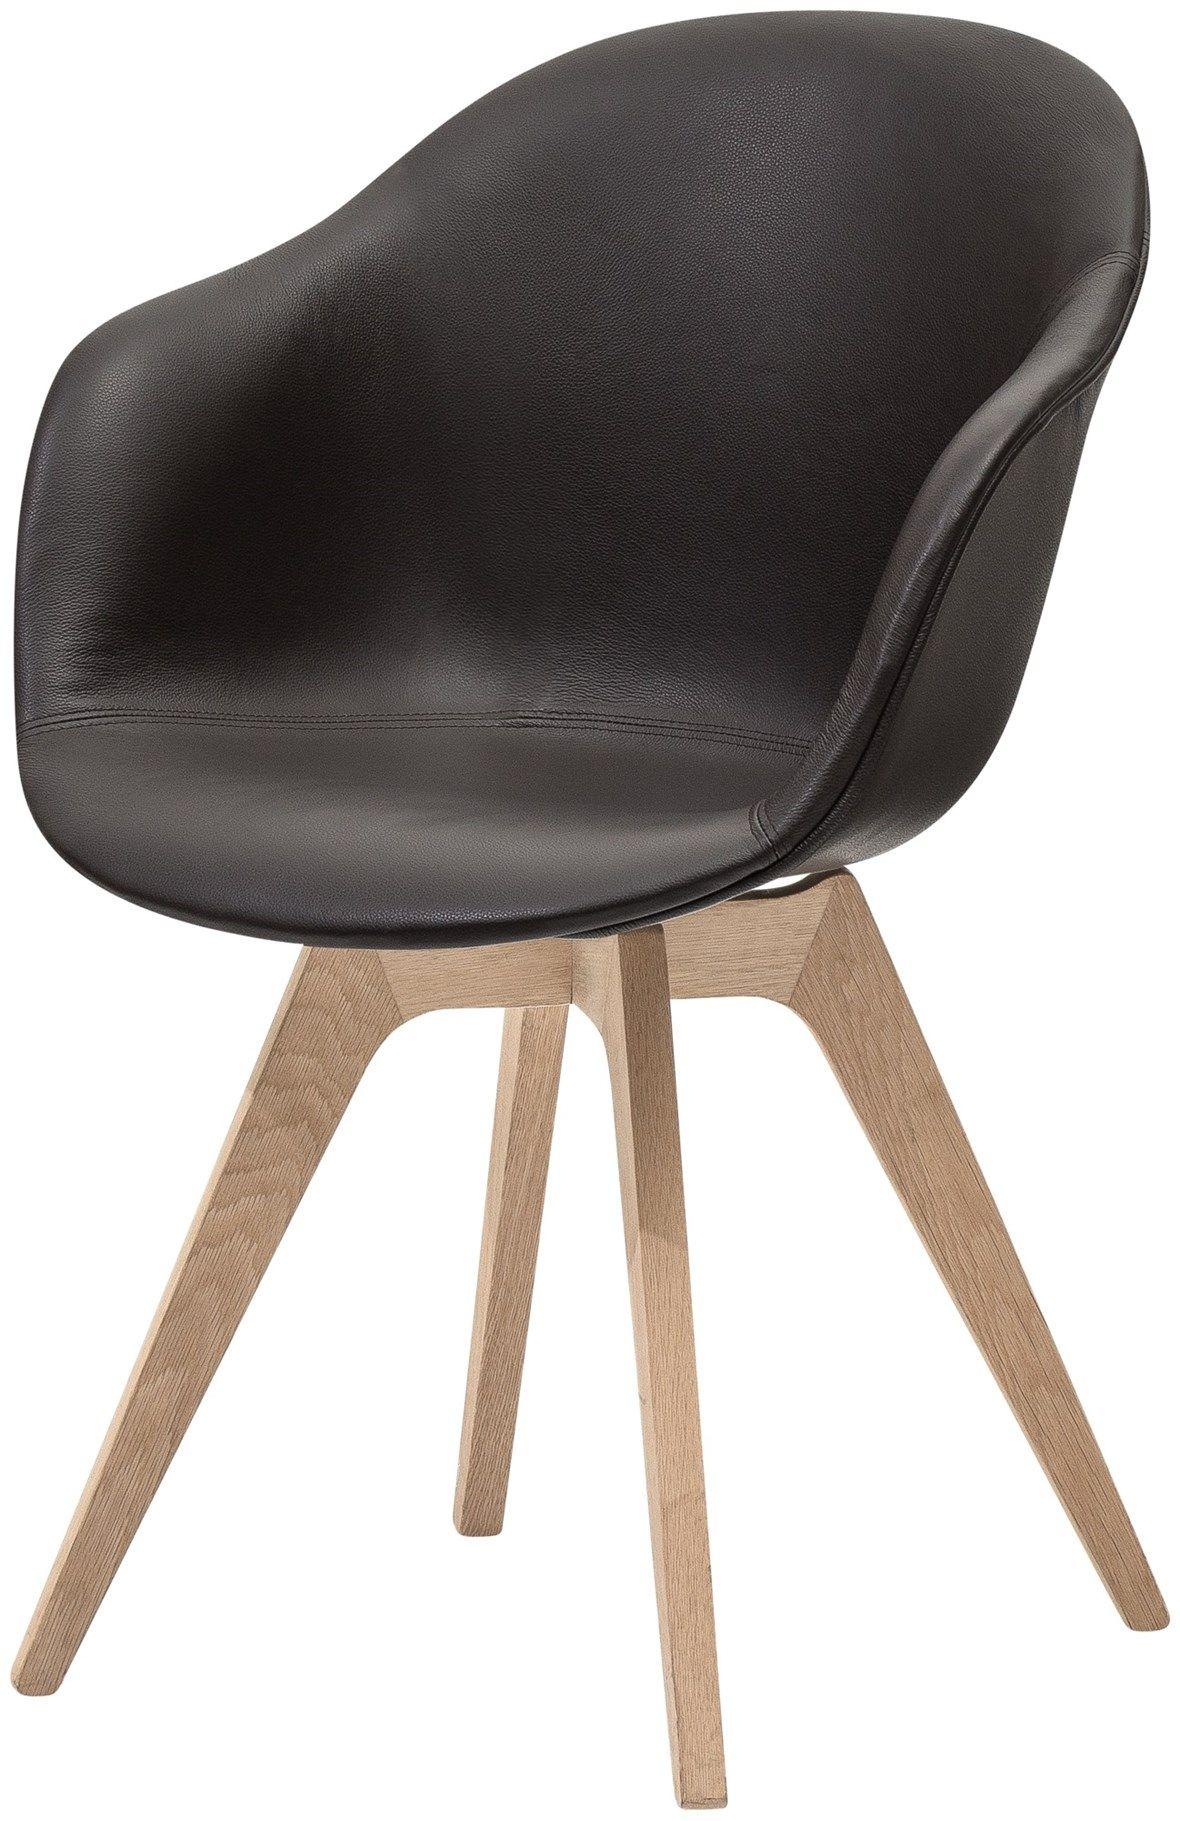 Designer Esszimmerstühle moderne designer esszimmerstühle kaufen boconcept